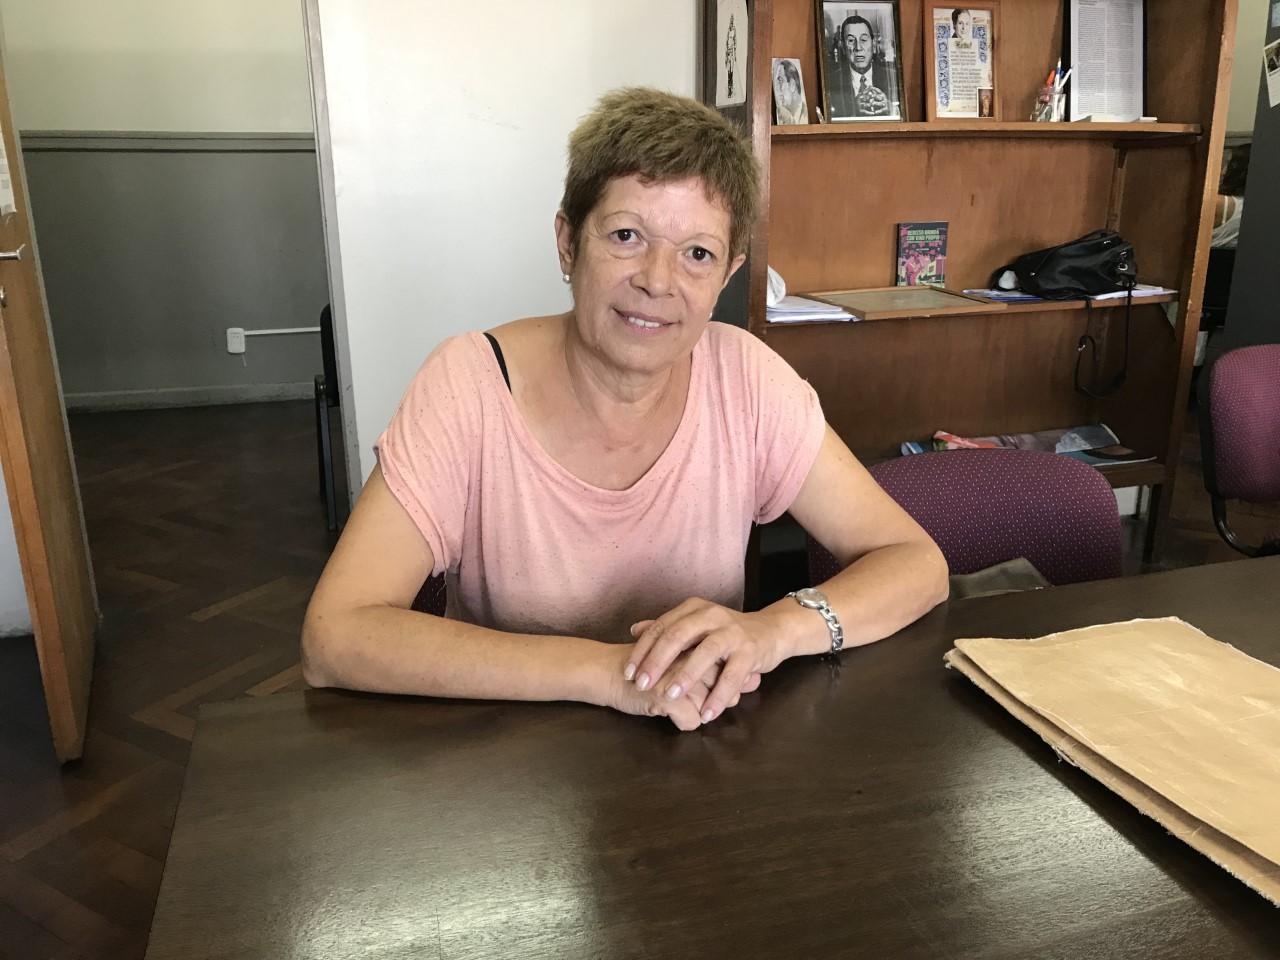 Relevamiento en Villa Nueva: Basurales a cielo abierto, faltante de luminaria y calles inundables